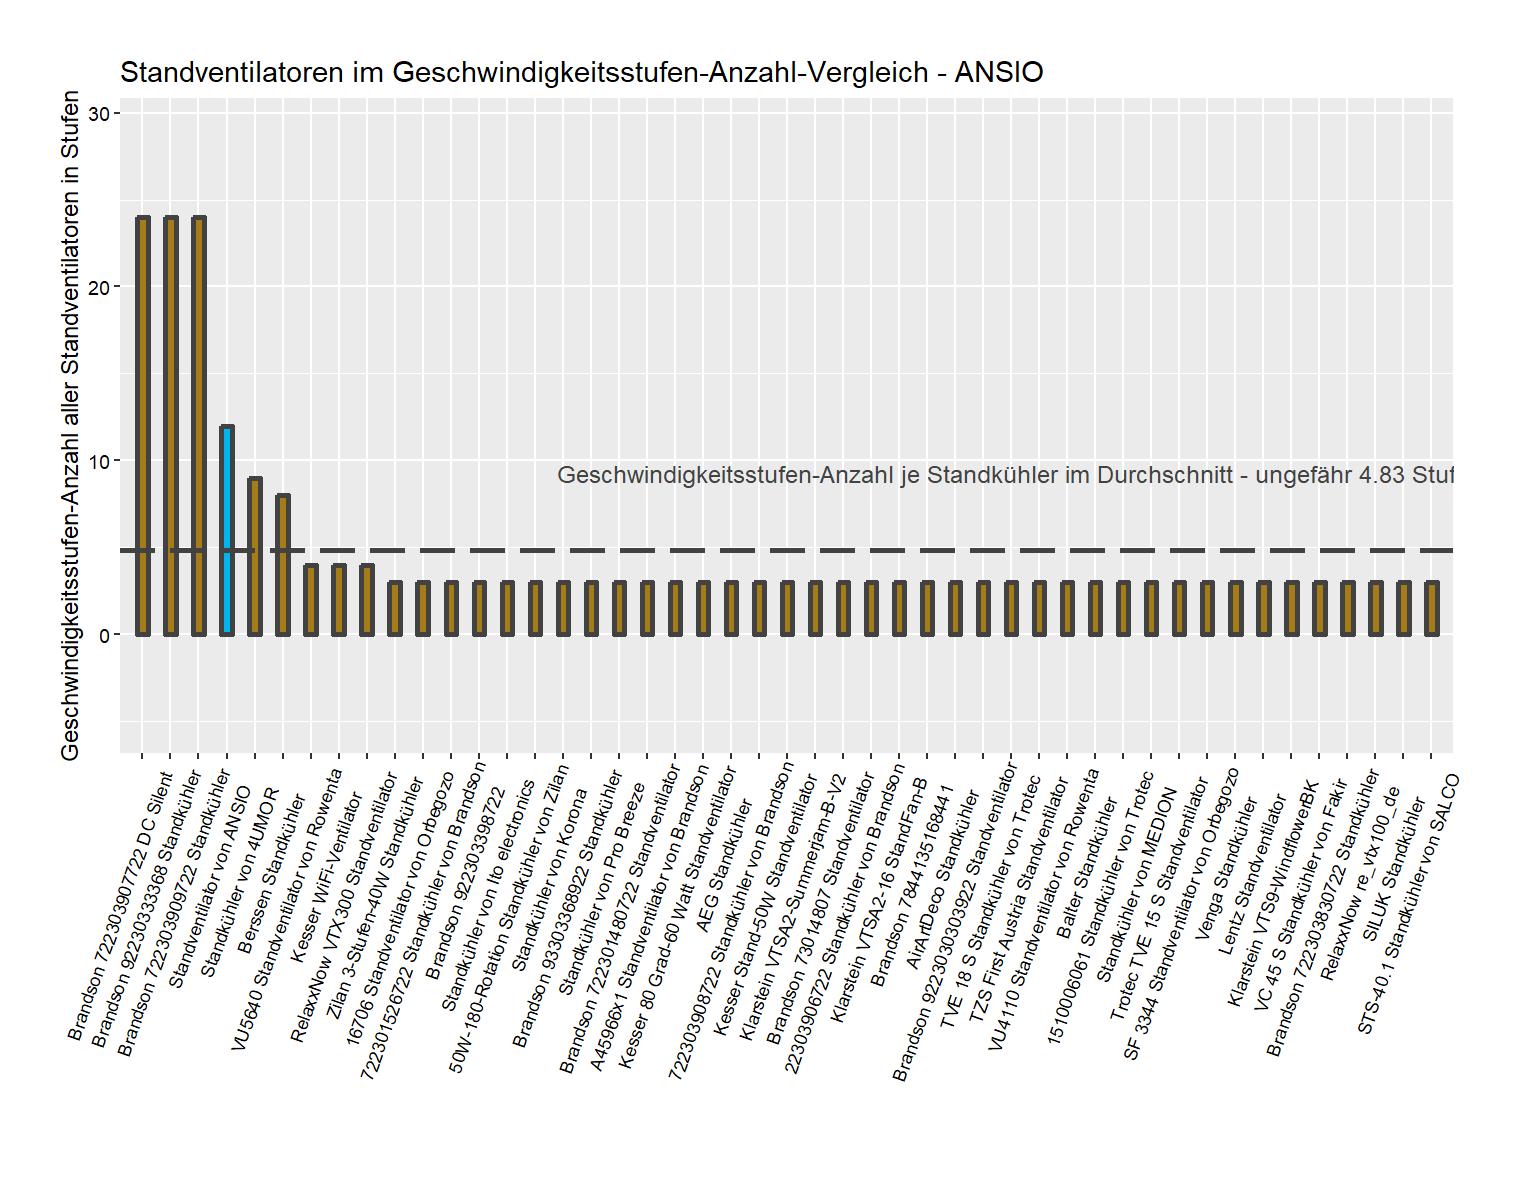 Geschwindigkeitsstufen-Anzahl-Vergleich von dem ANSIO Standkühler